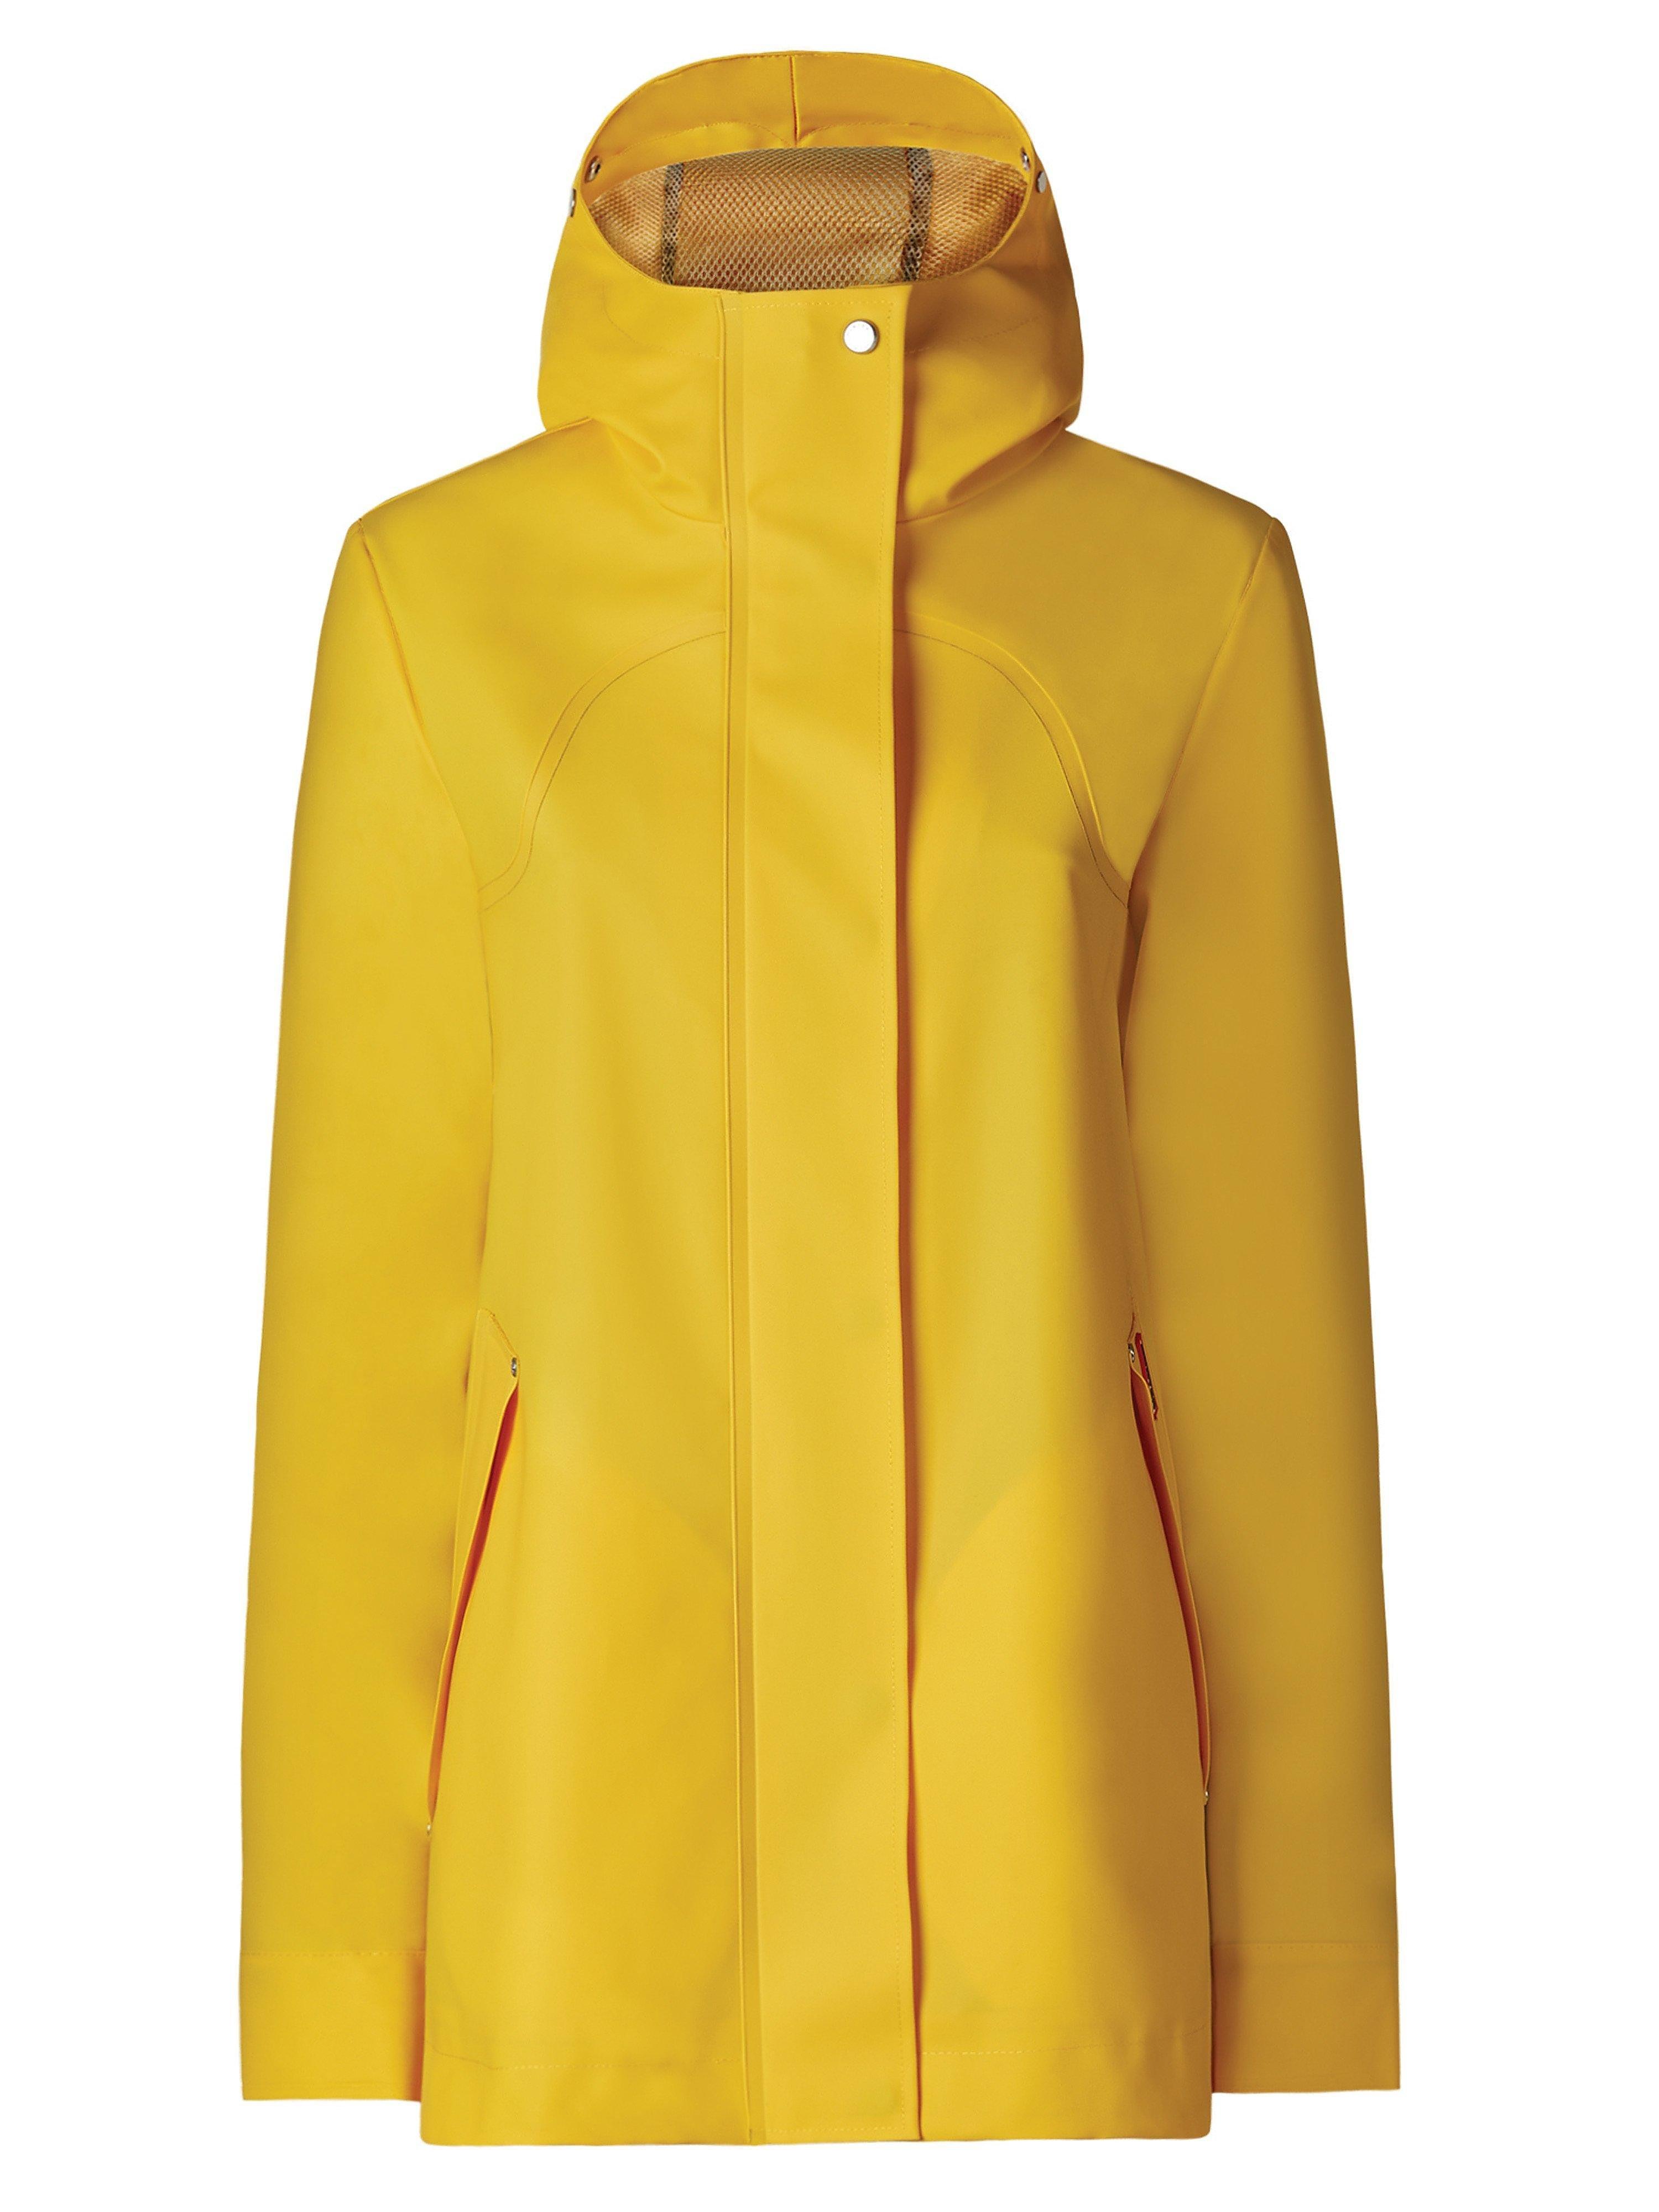 Hunter Wellies Women's Original Rubberised Smock - Yellow